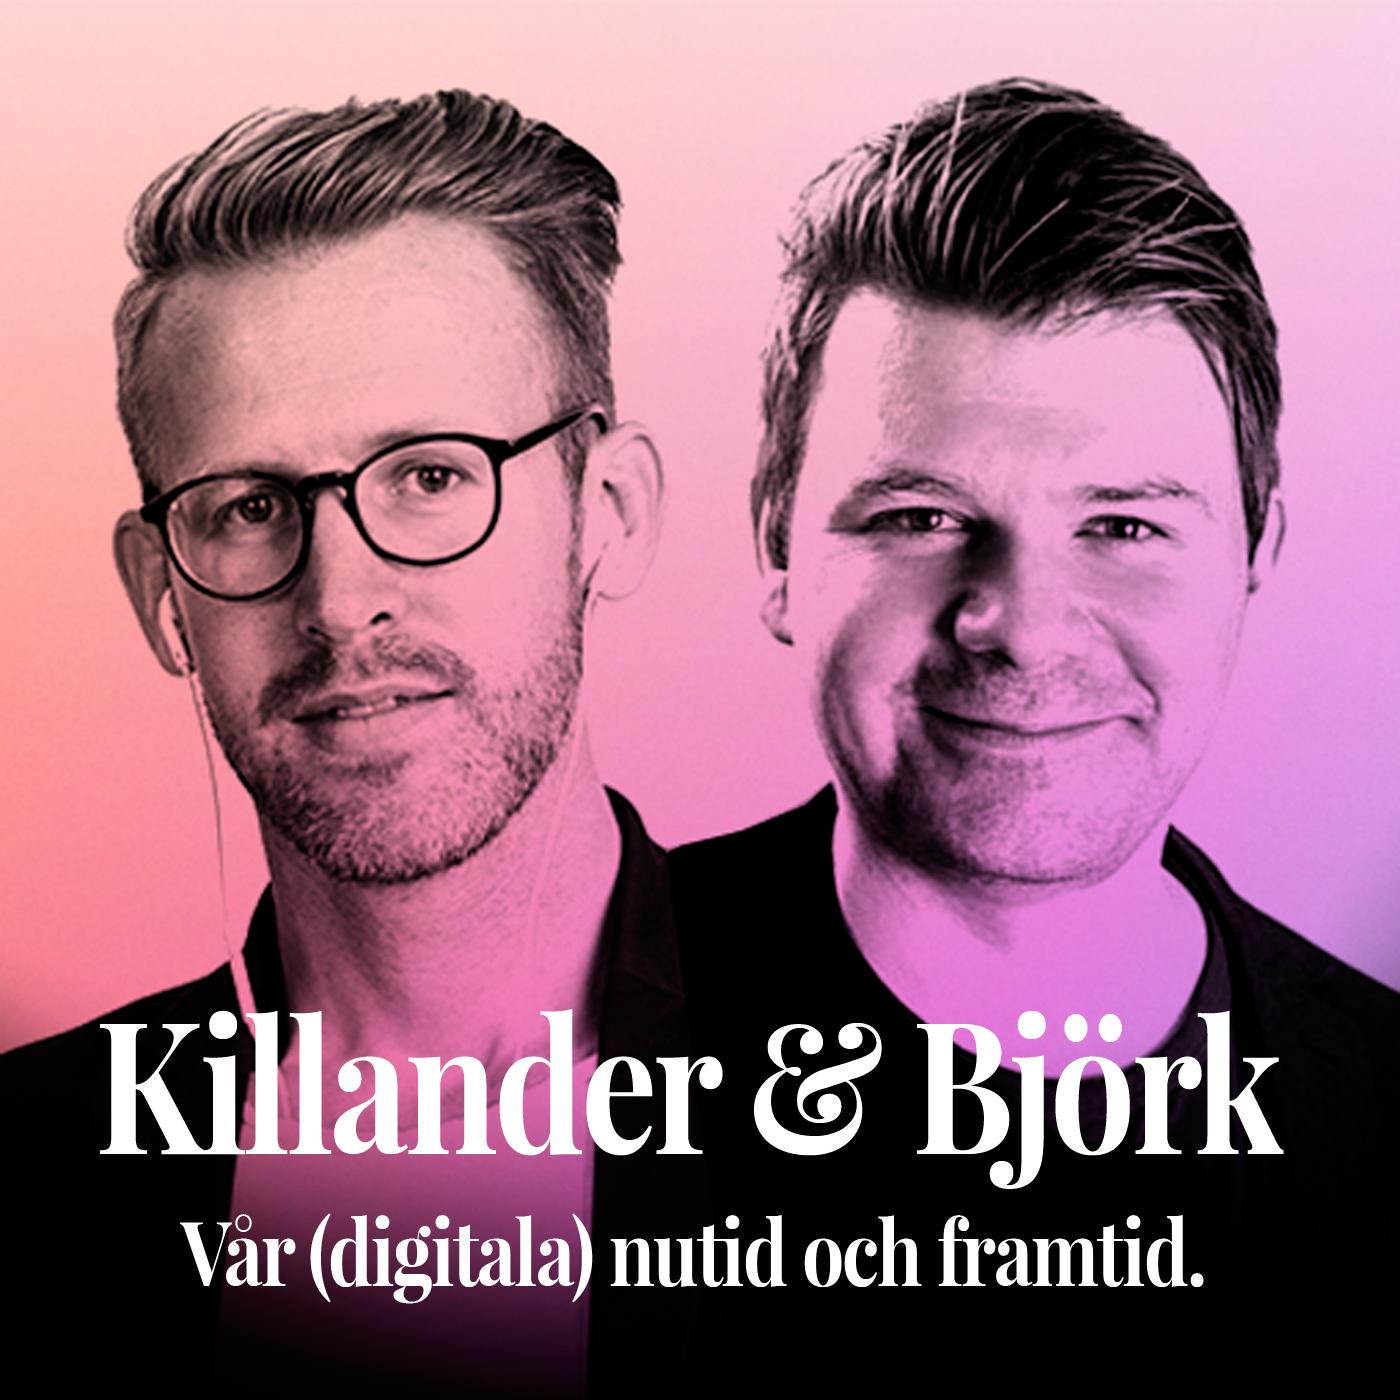 Killander & Björk